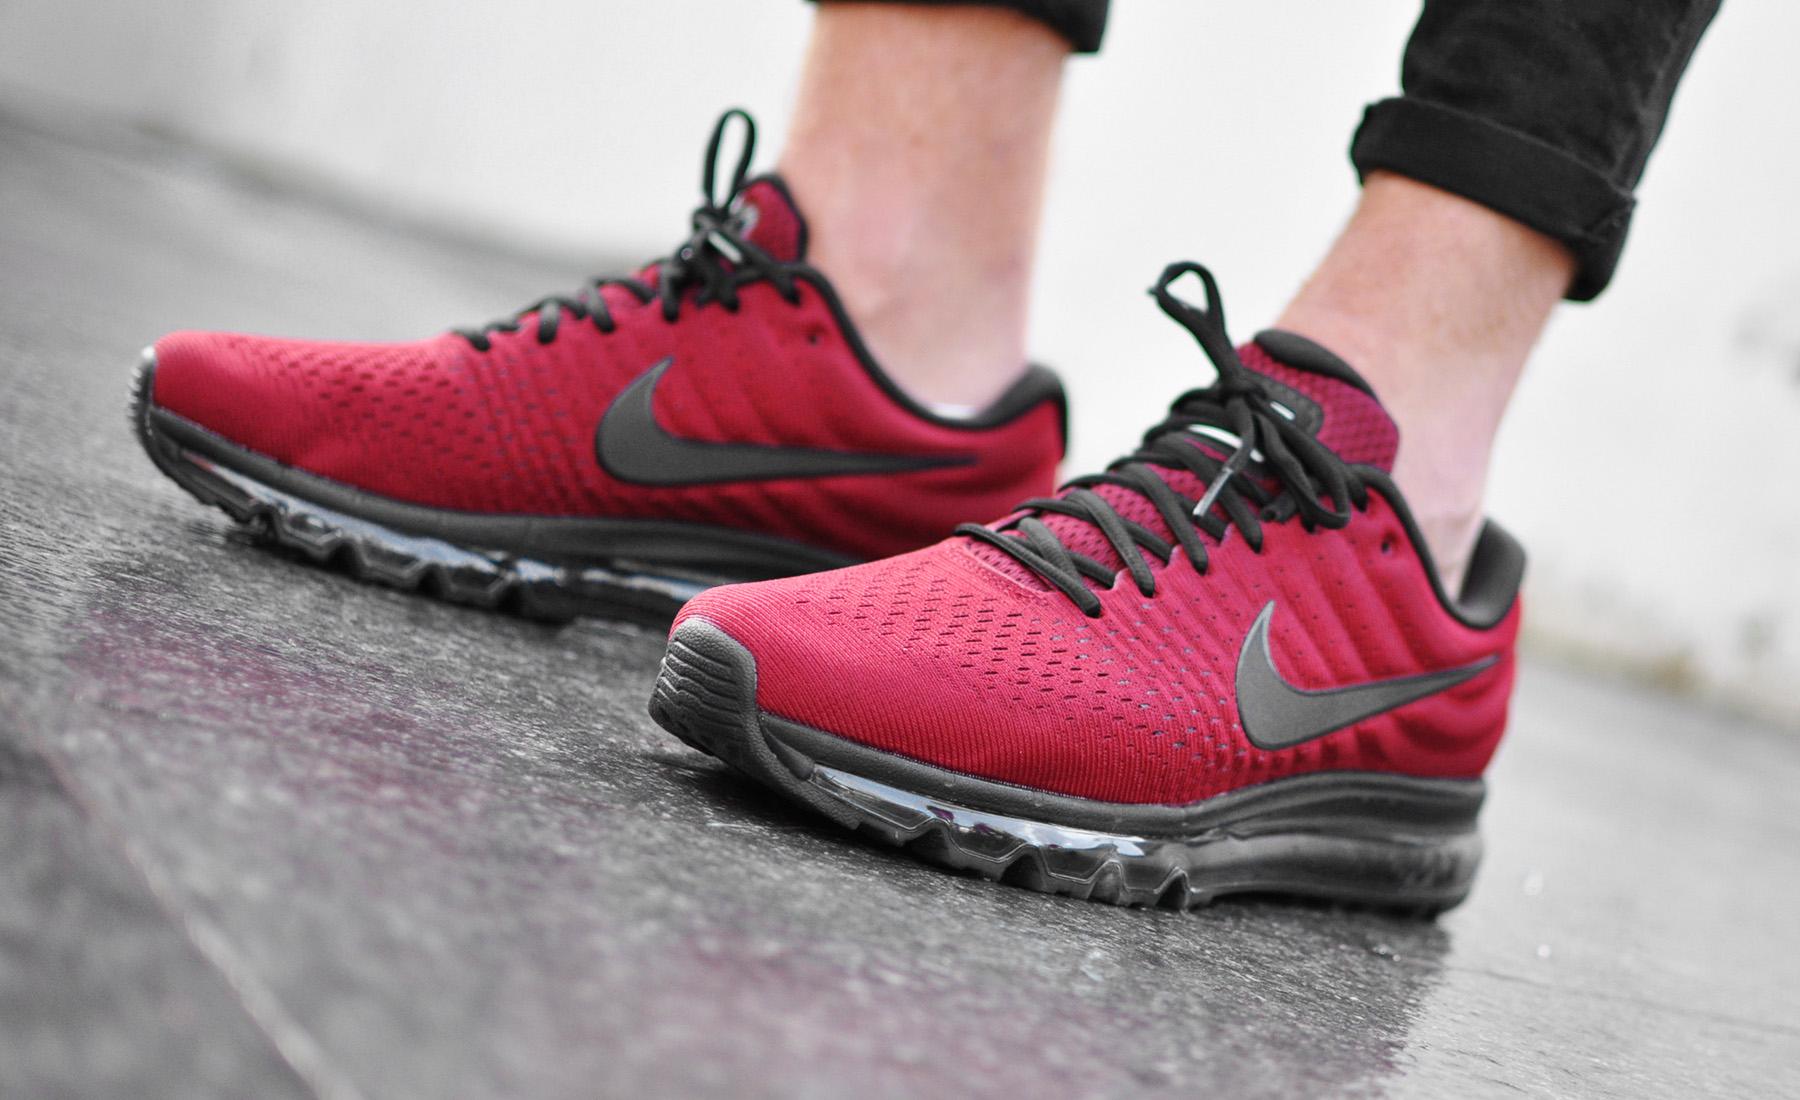 Nike Air Max 2017 849559 603 Sneakers Blog